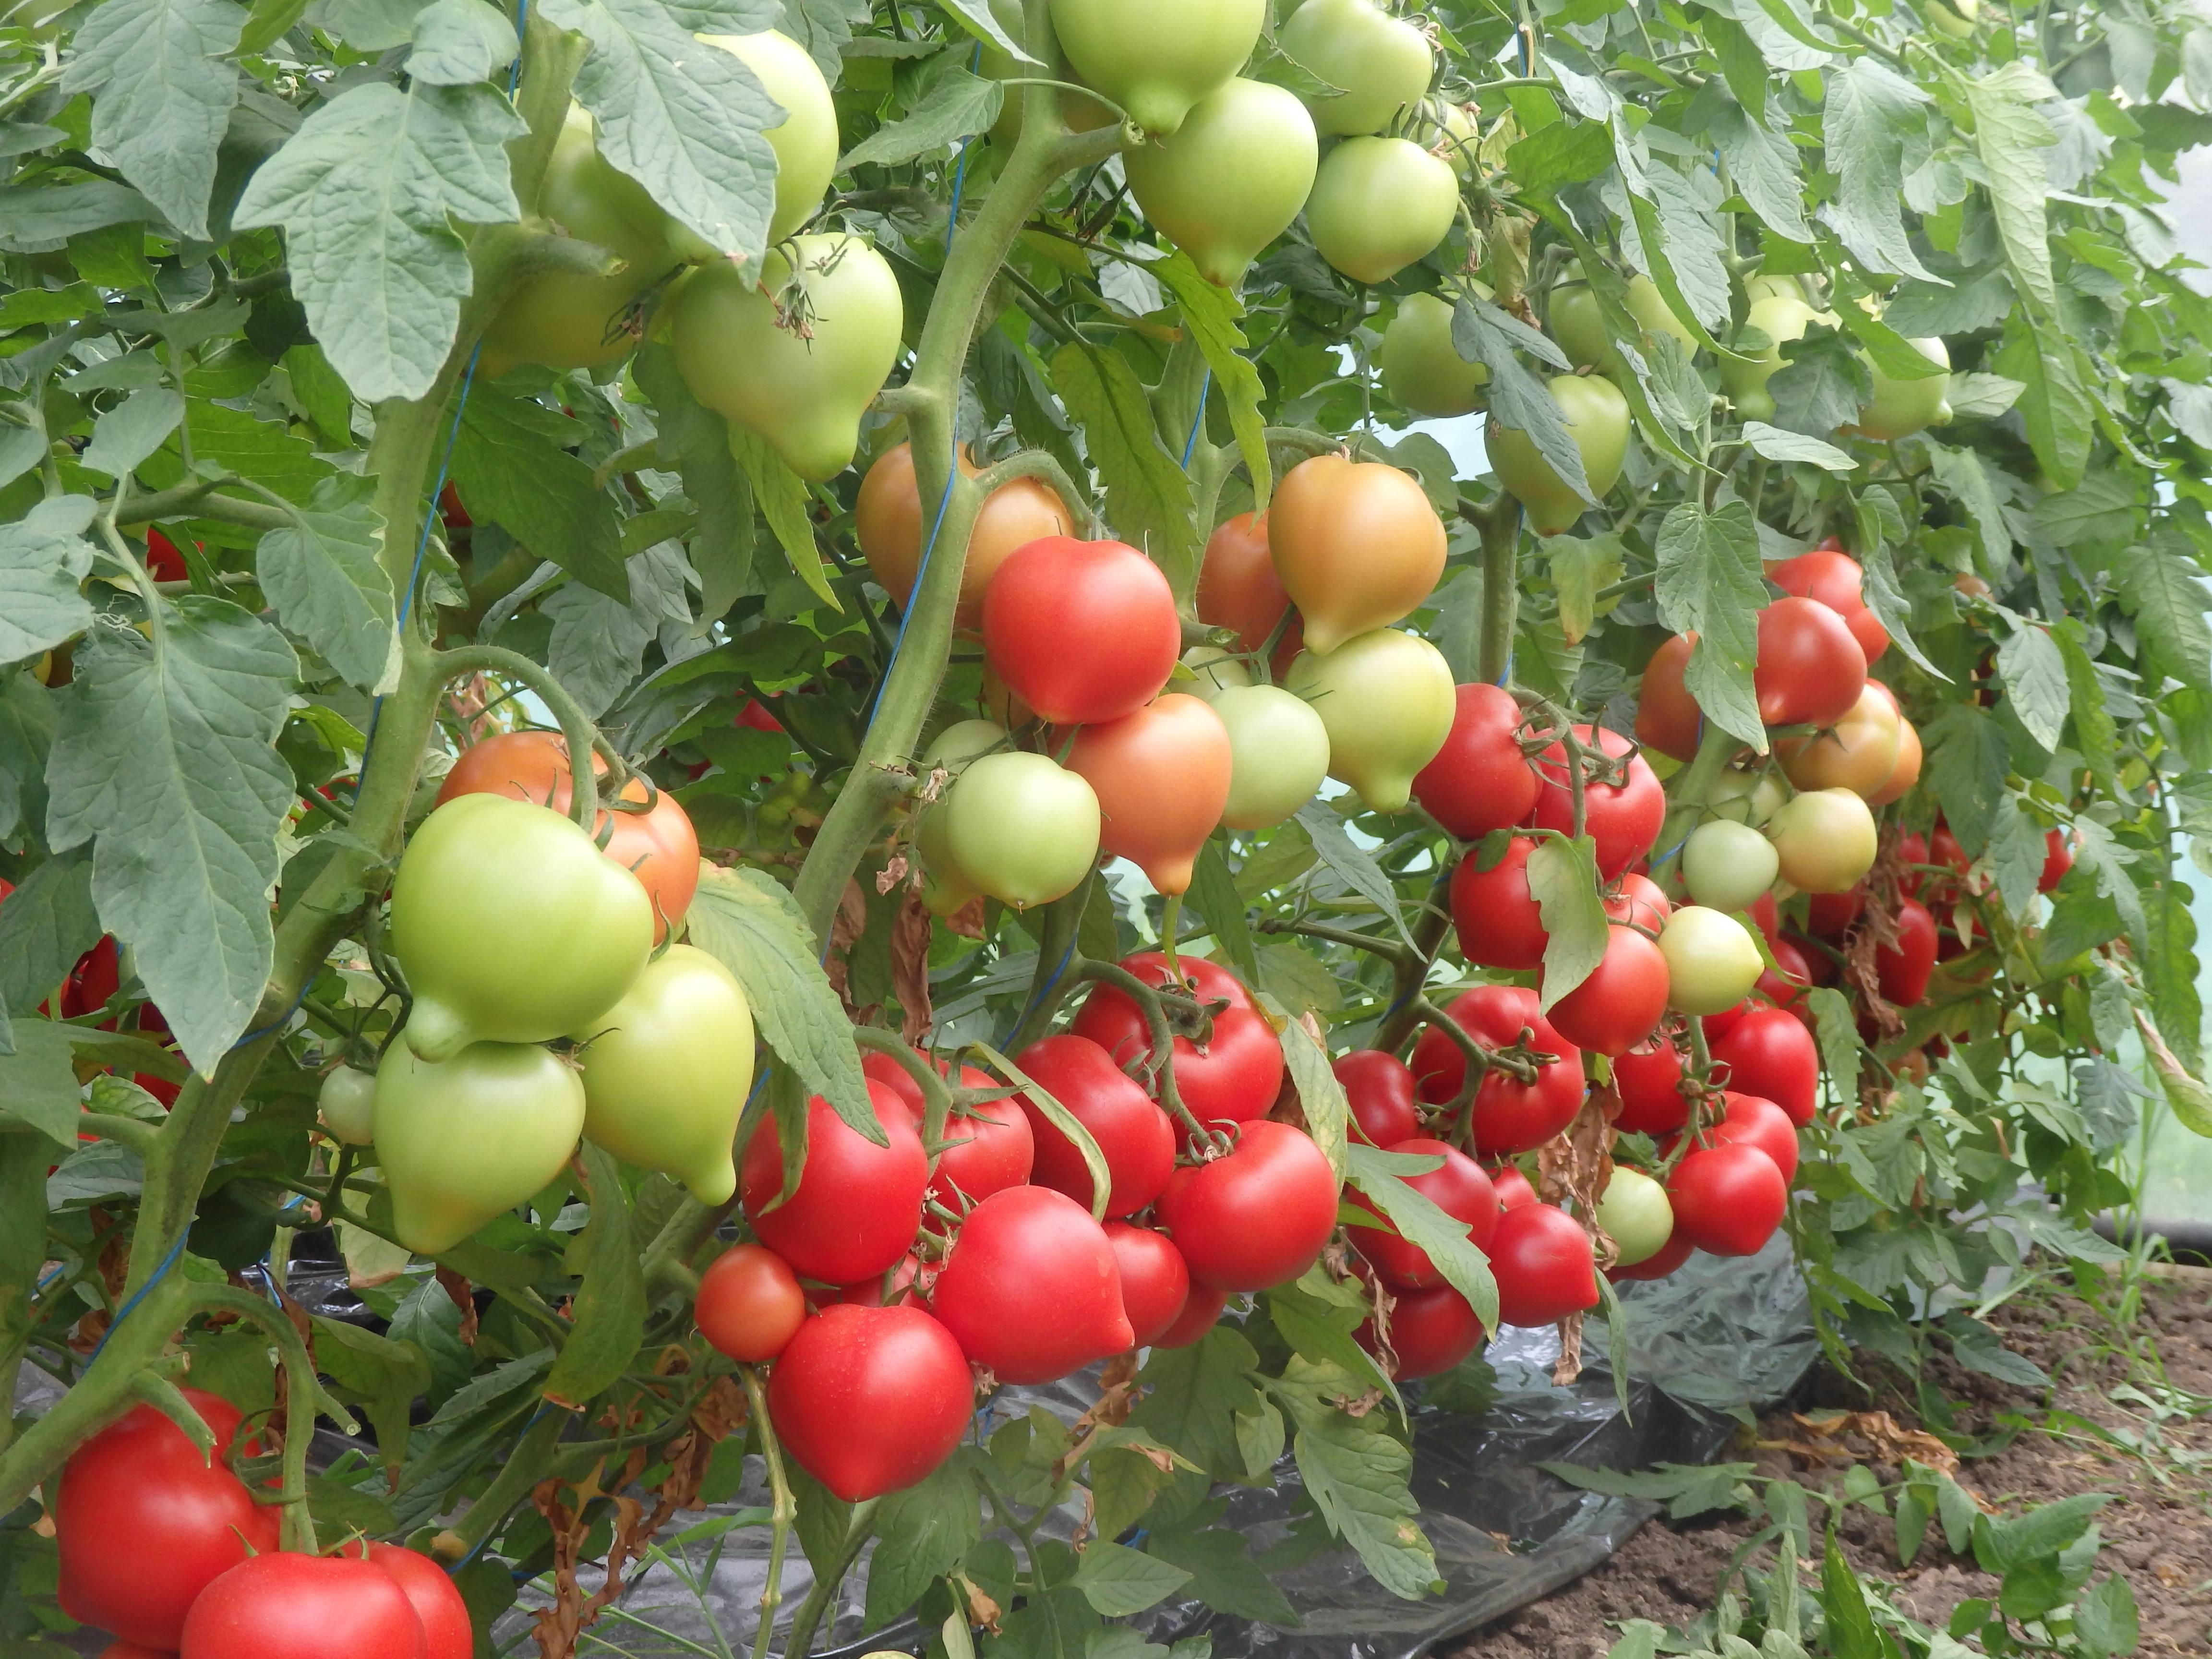 Томат f1 «спрут черри»: описание сорта и особенности выращивания необычного помидора русский фермер